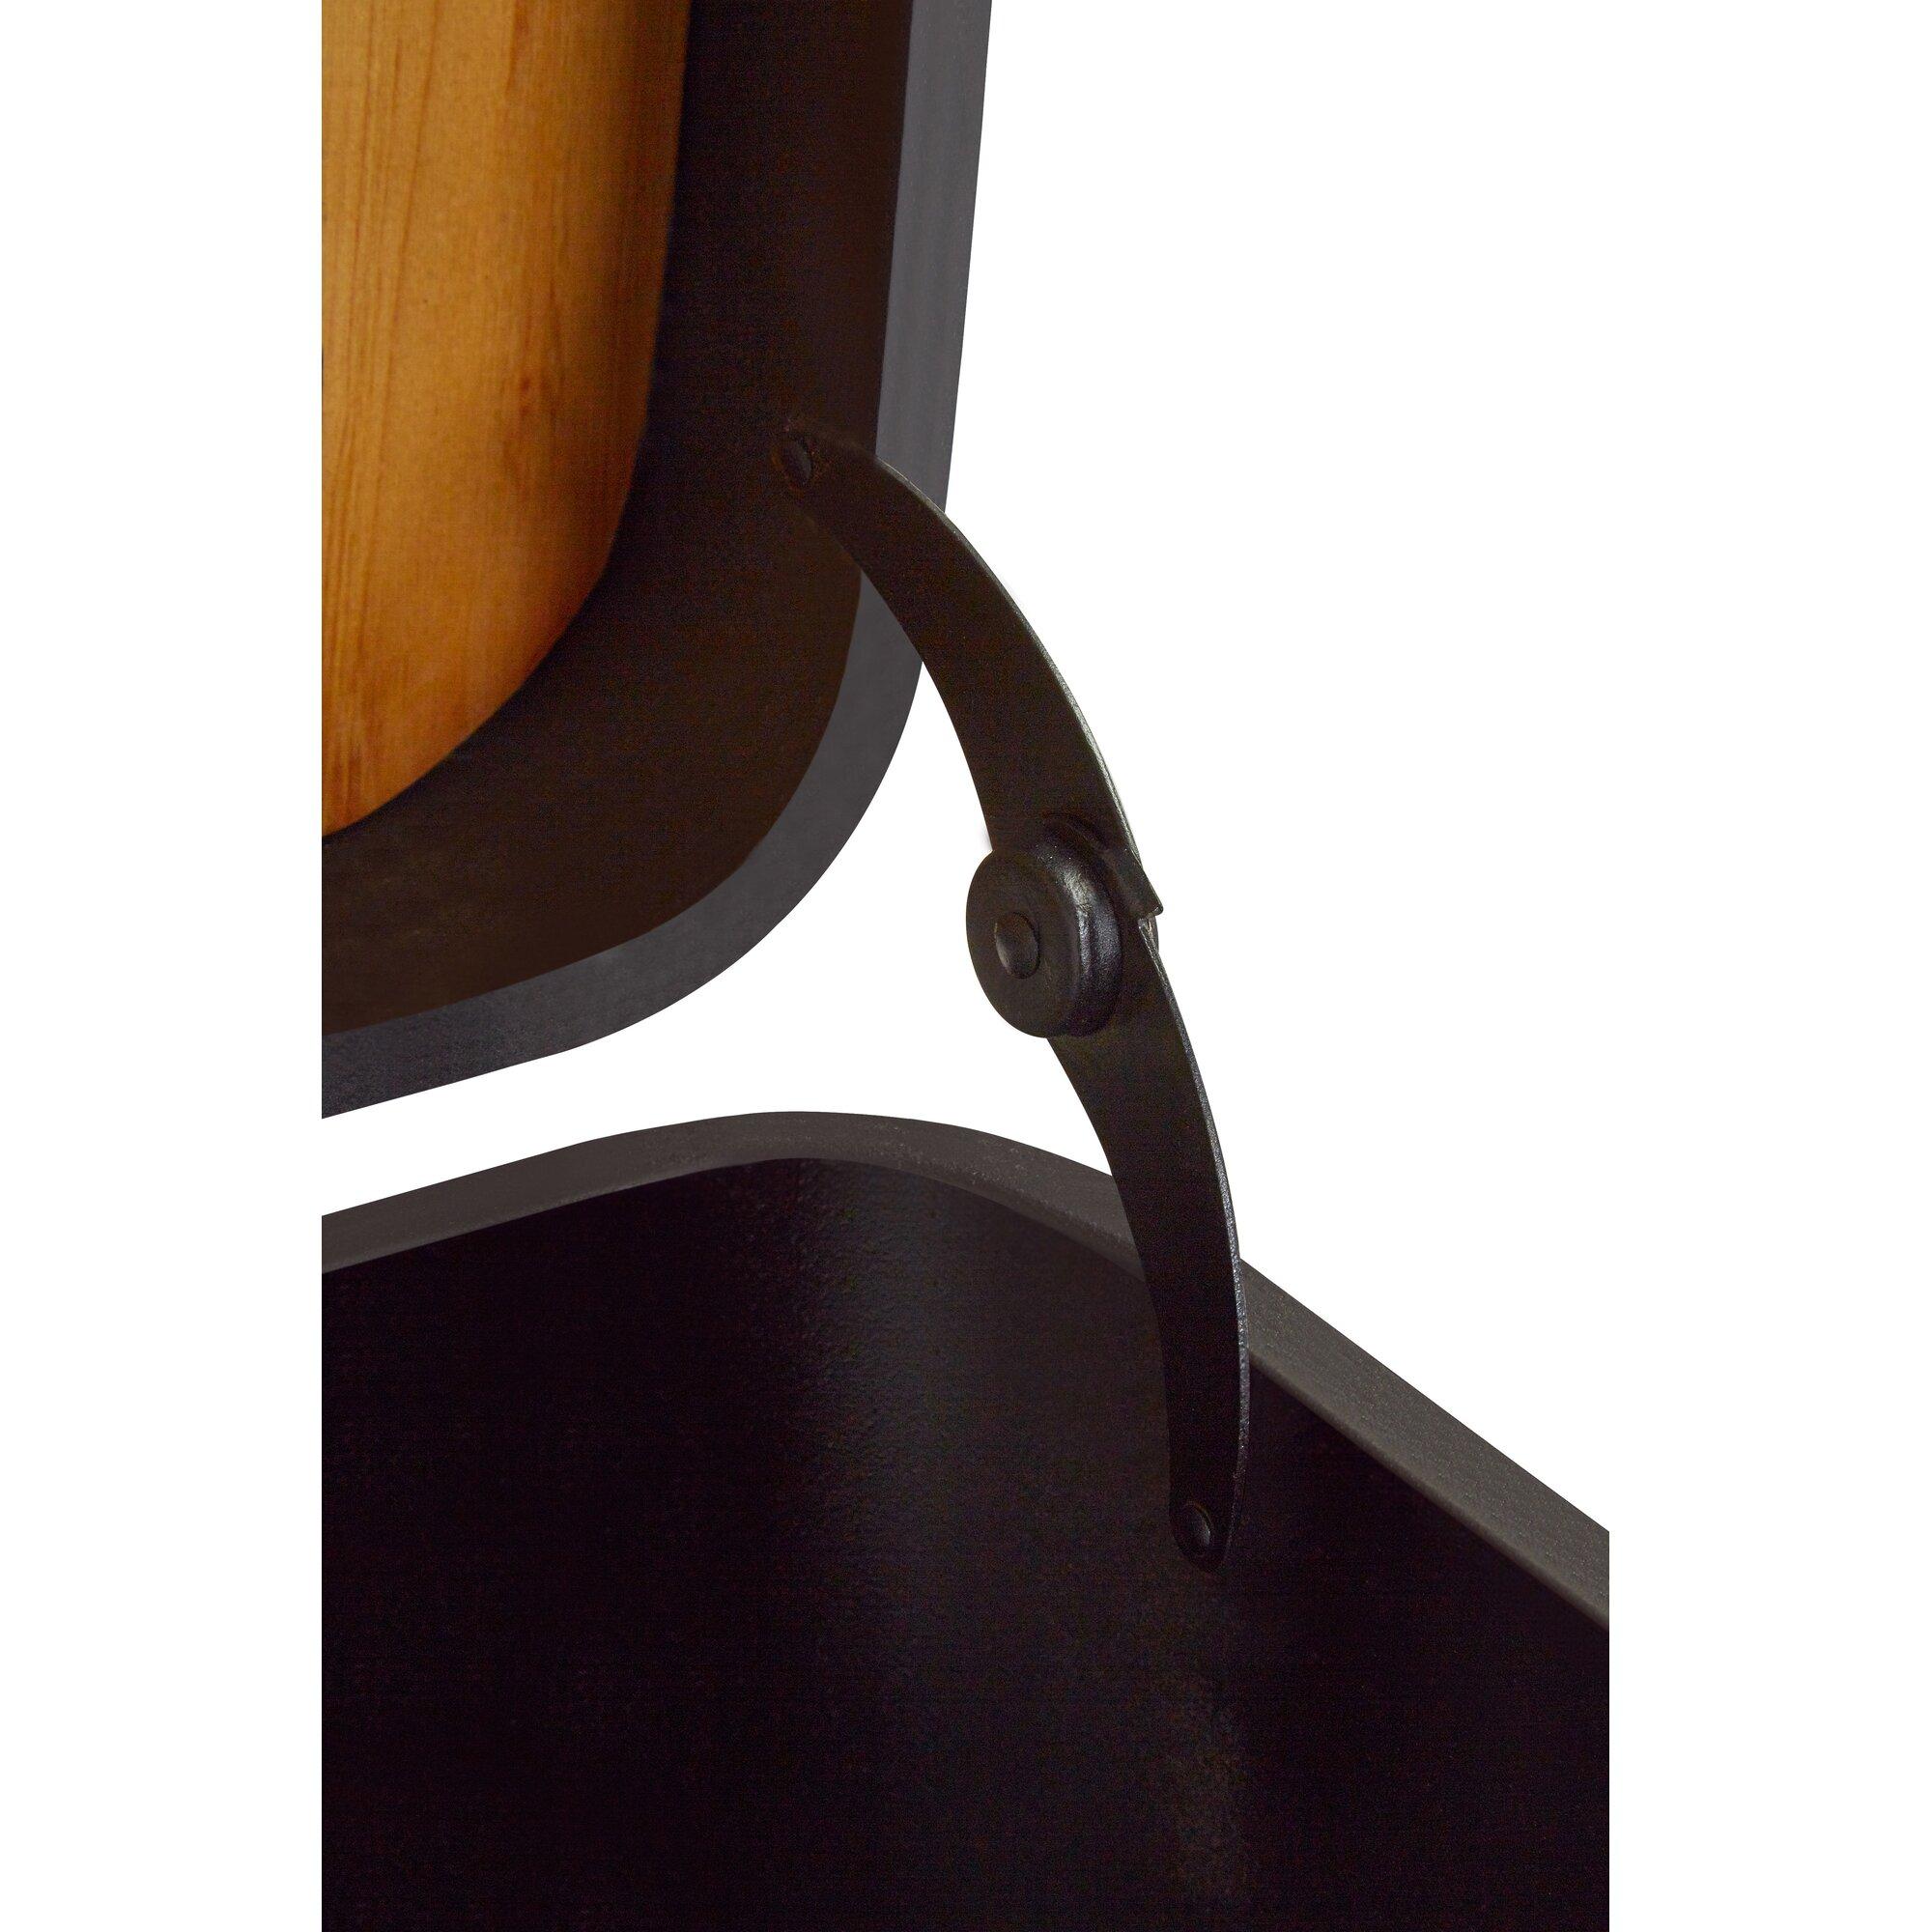 LoftDesigns Couchtisch Shorney mit Stauraum  Wayfairde